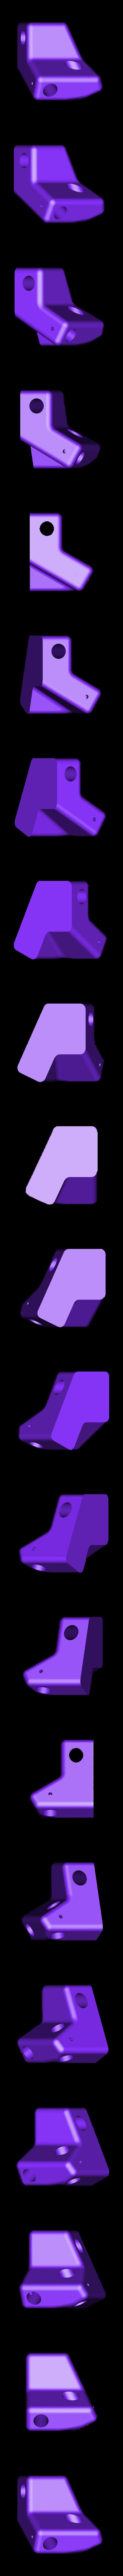 bass_shoes_L_ver2.stl Télécharger fichier STL gratuit 8 pouces Bass Drum Pad Ver.2 • Plan imprimable en 3D, RyoKosaka